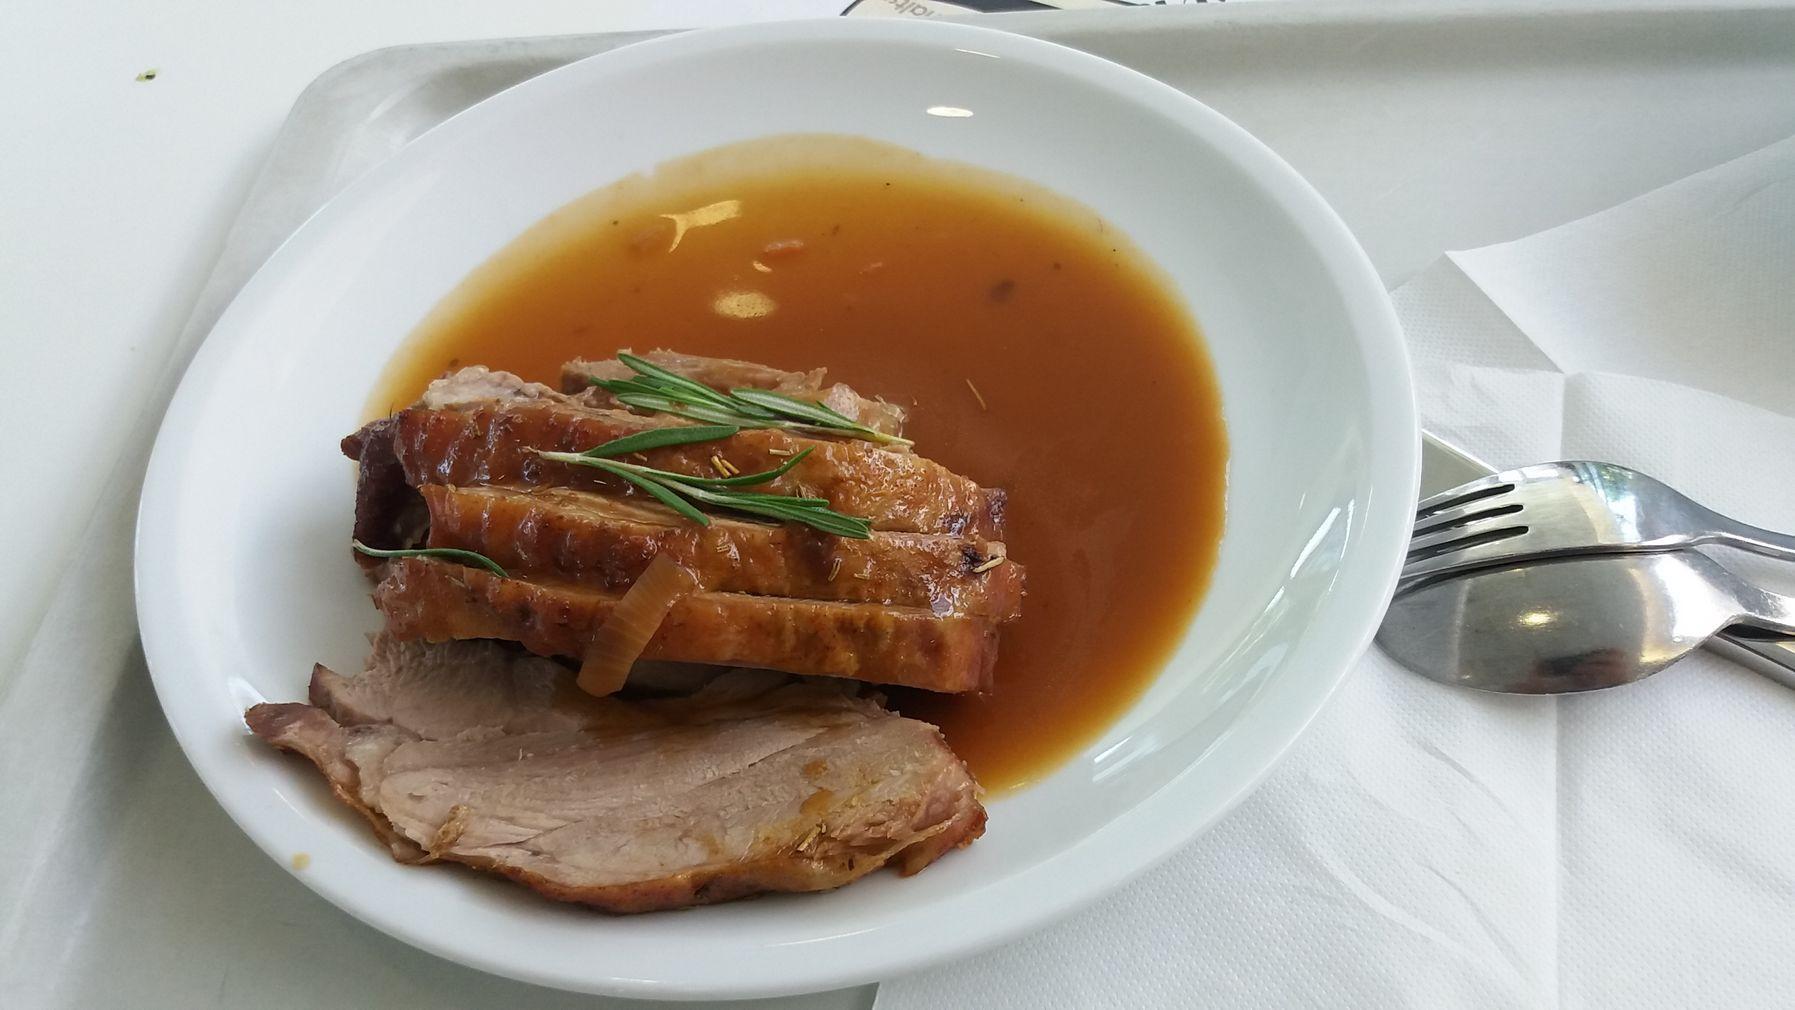 瑶海美食的食材都有哪些美食德国区图片